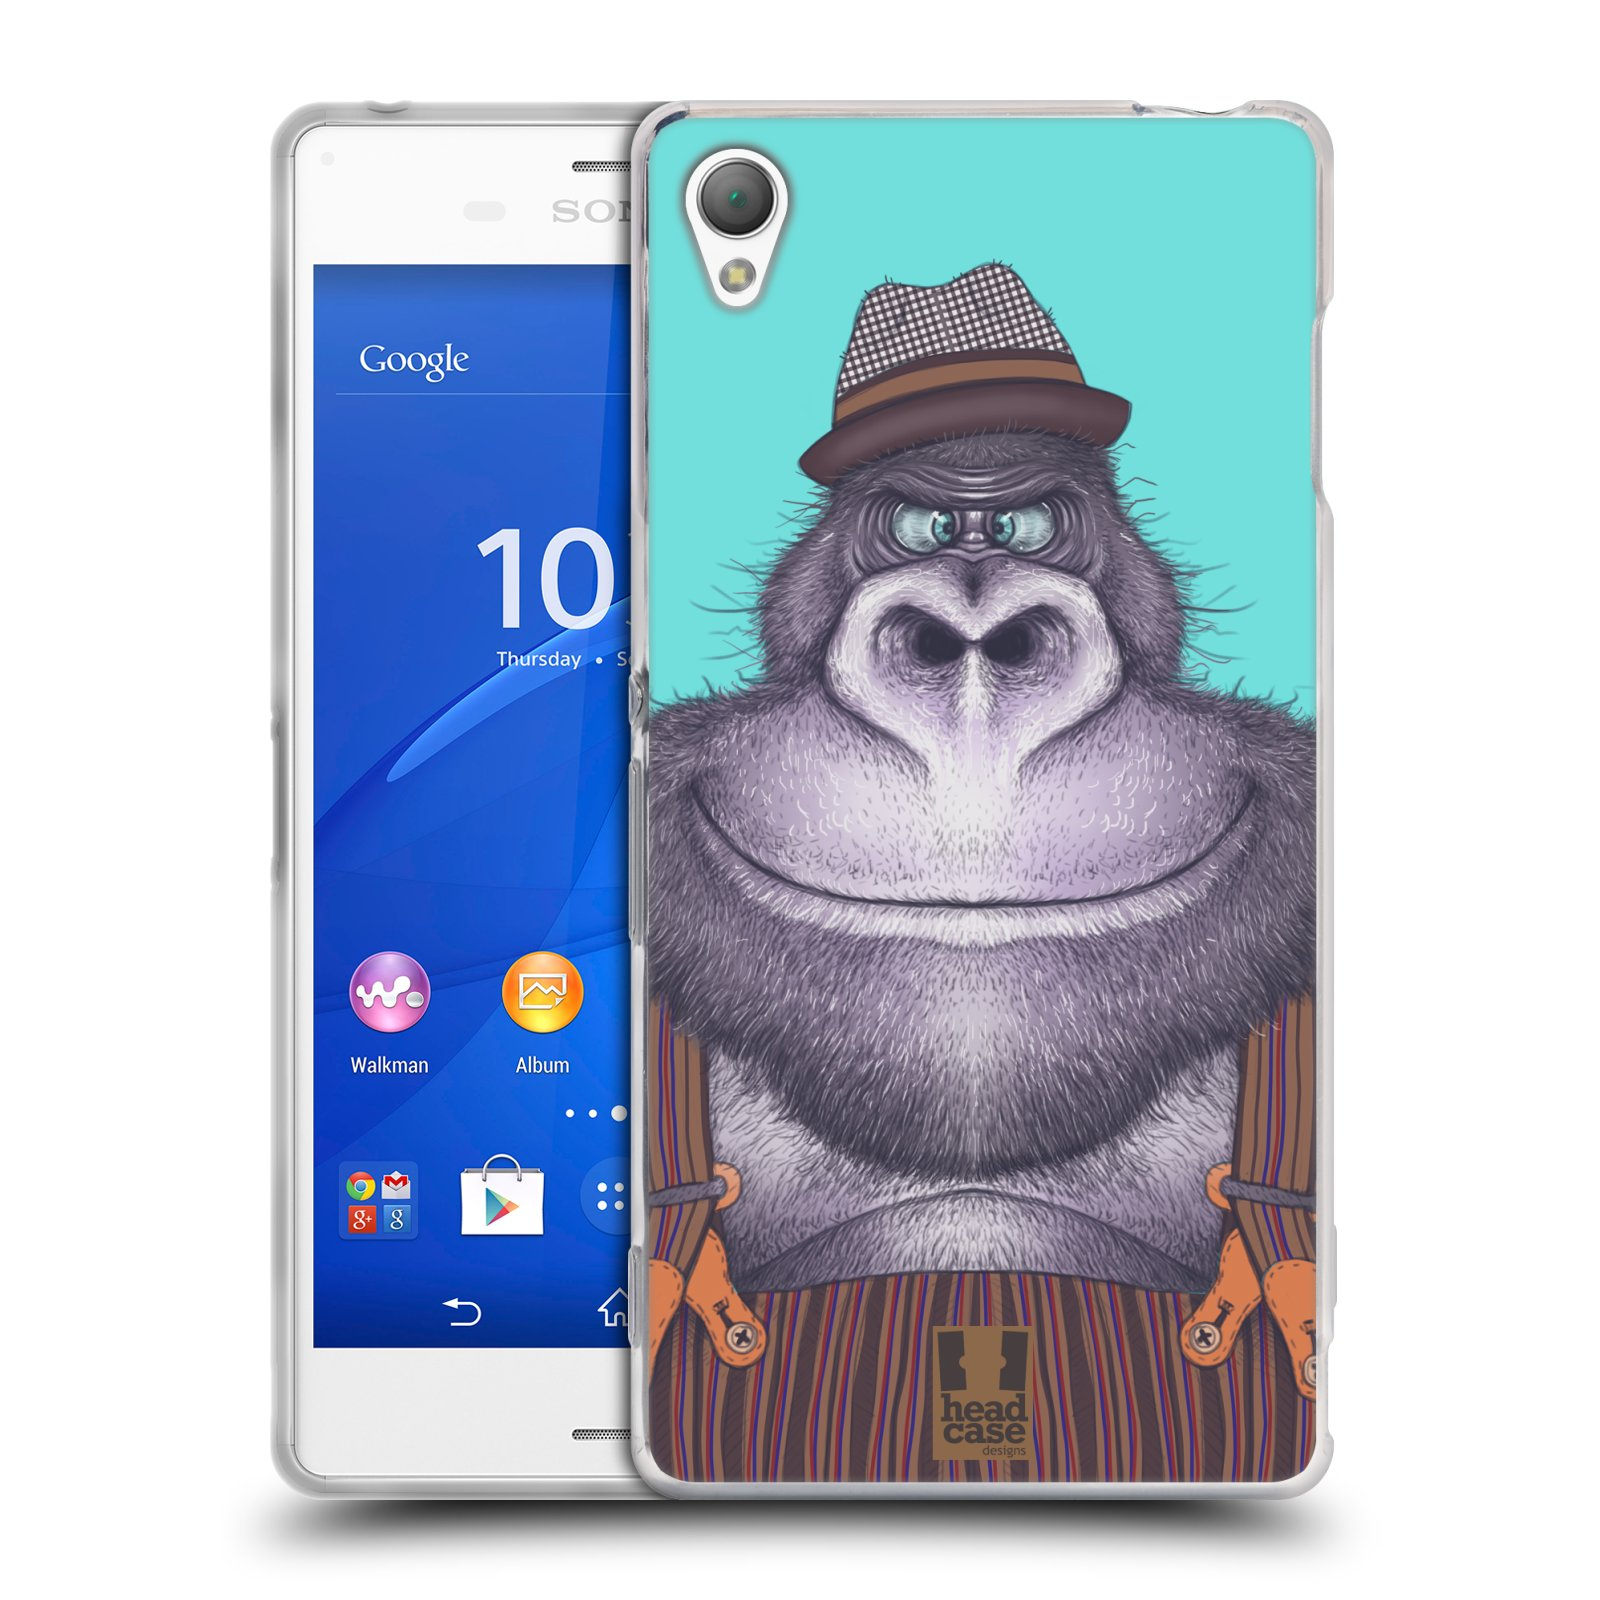 HEAD CASE silikonový obal na mobil Sony Xperia Z3 vzor Kreslená zvířátka gorila